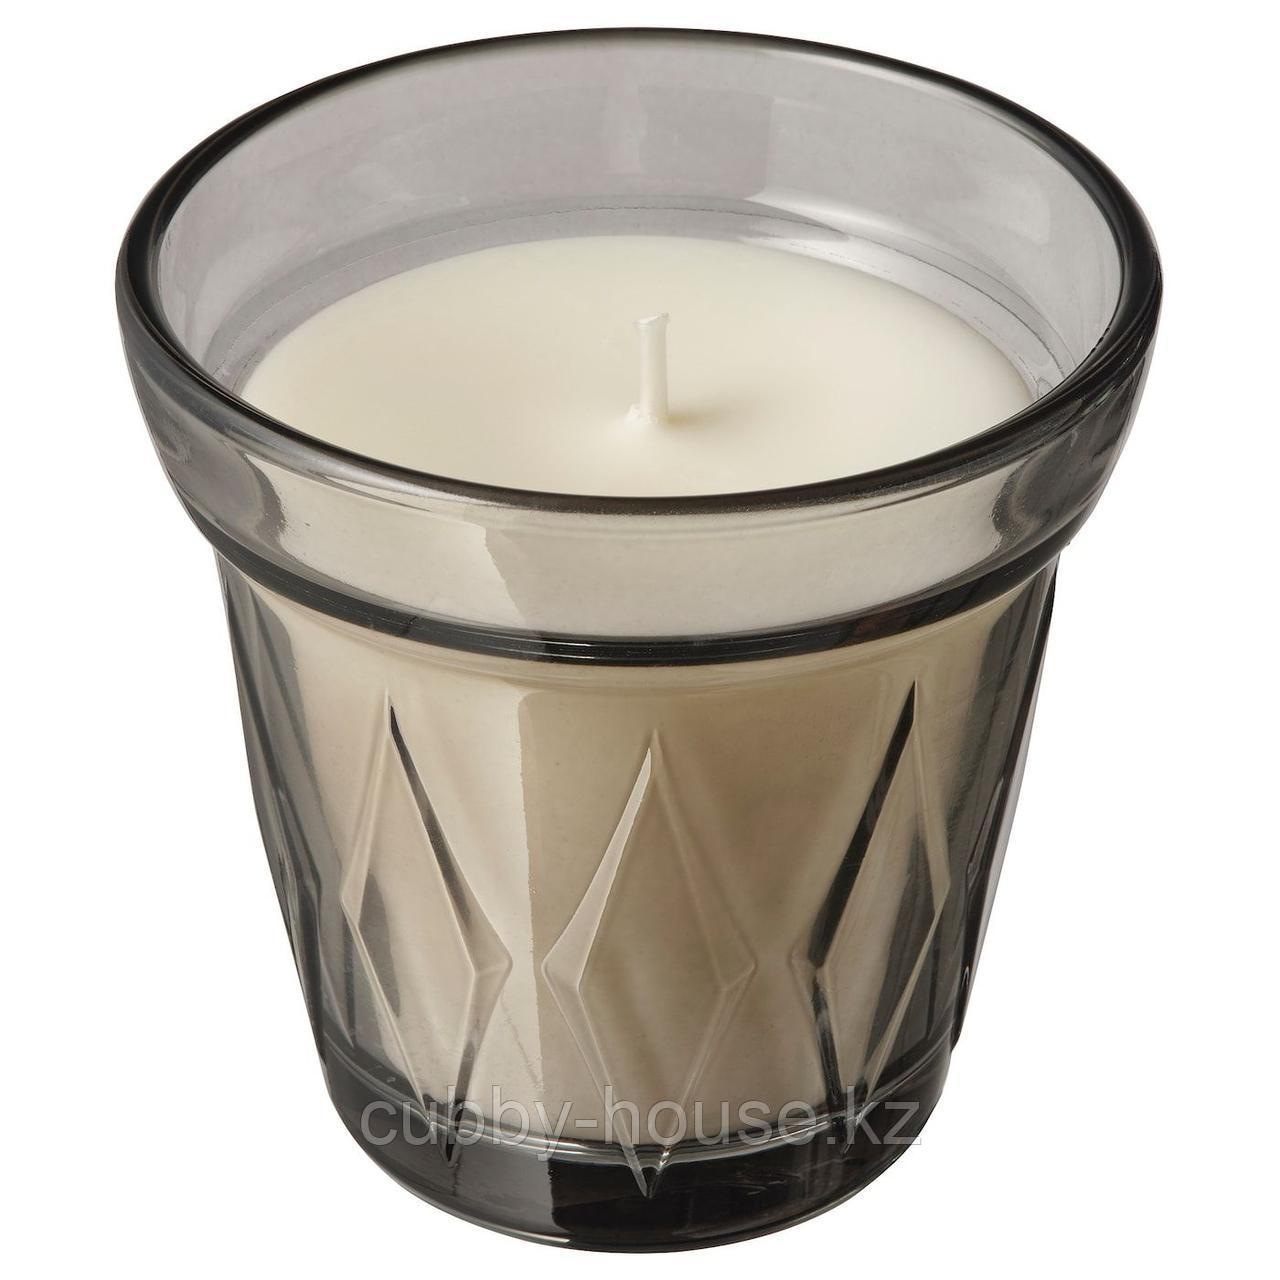 ВЭЛЬДОФТ Ароматическая свеча в стакане, серый Соленая карамель, серый, 8 см